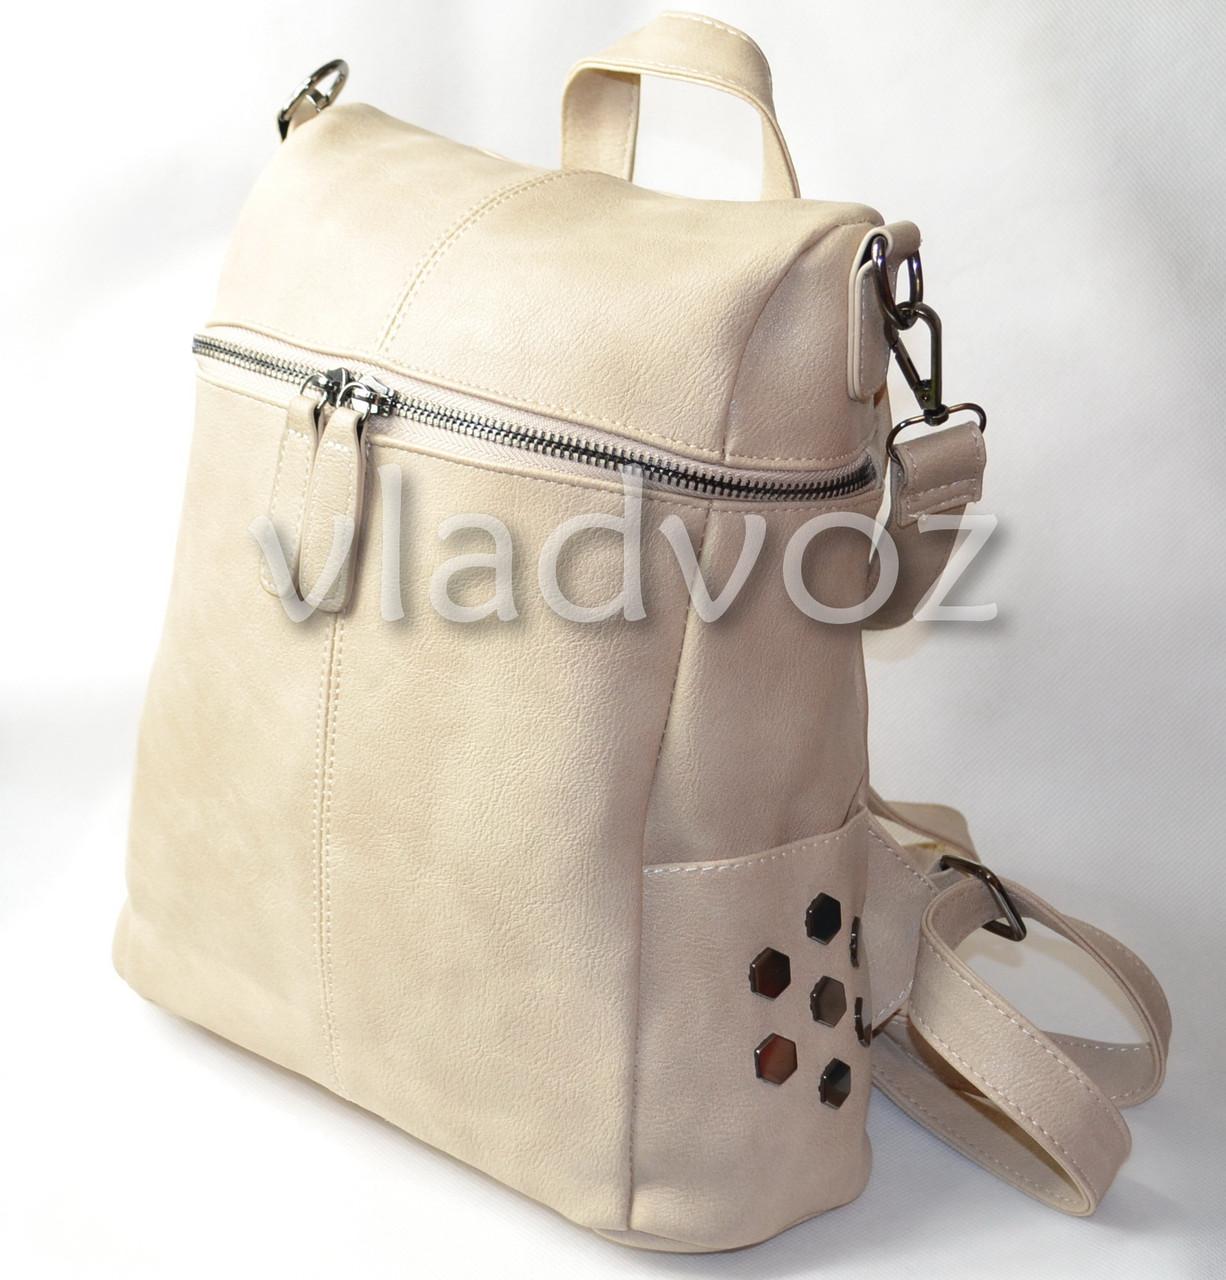 02537a212da2 Городской женский молодежный модный стильный рюкзак сумка бежевый -  интернет магазин vladvoz.in.ua